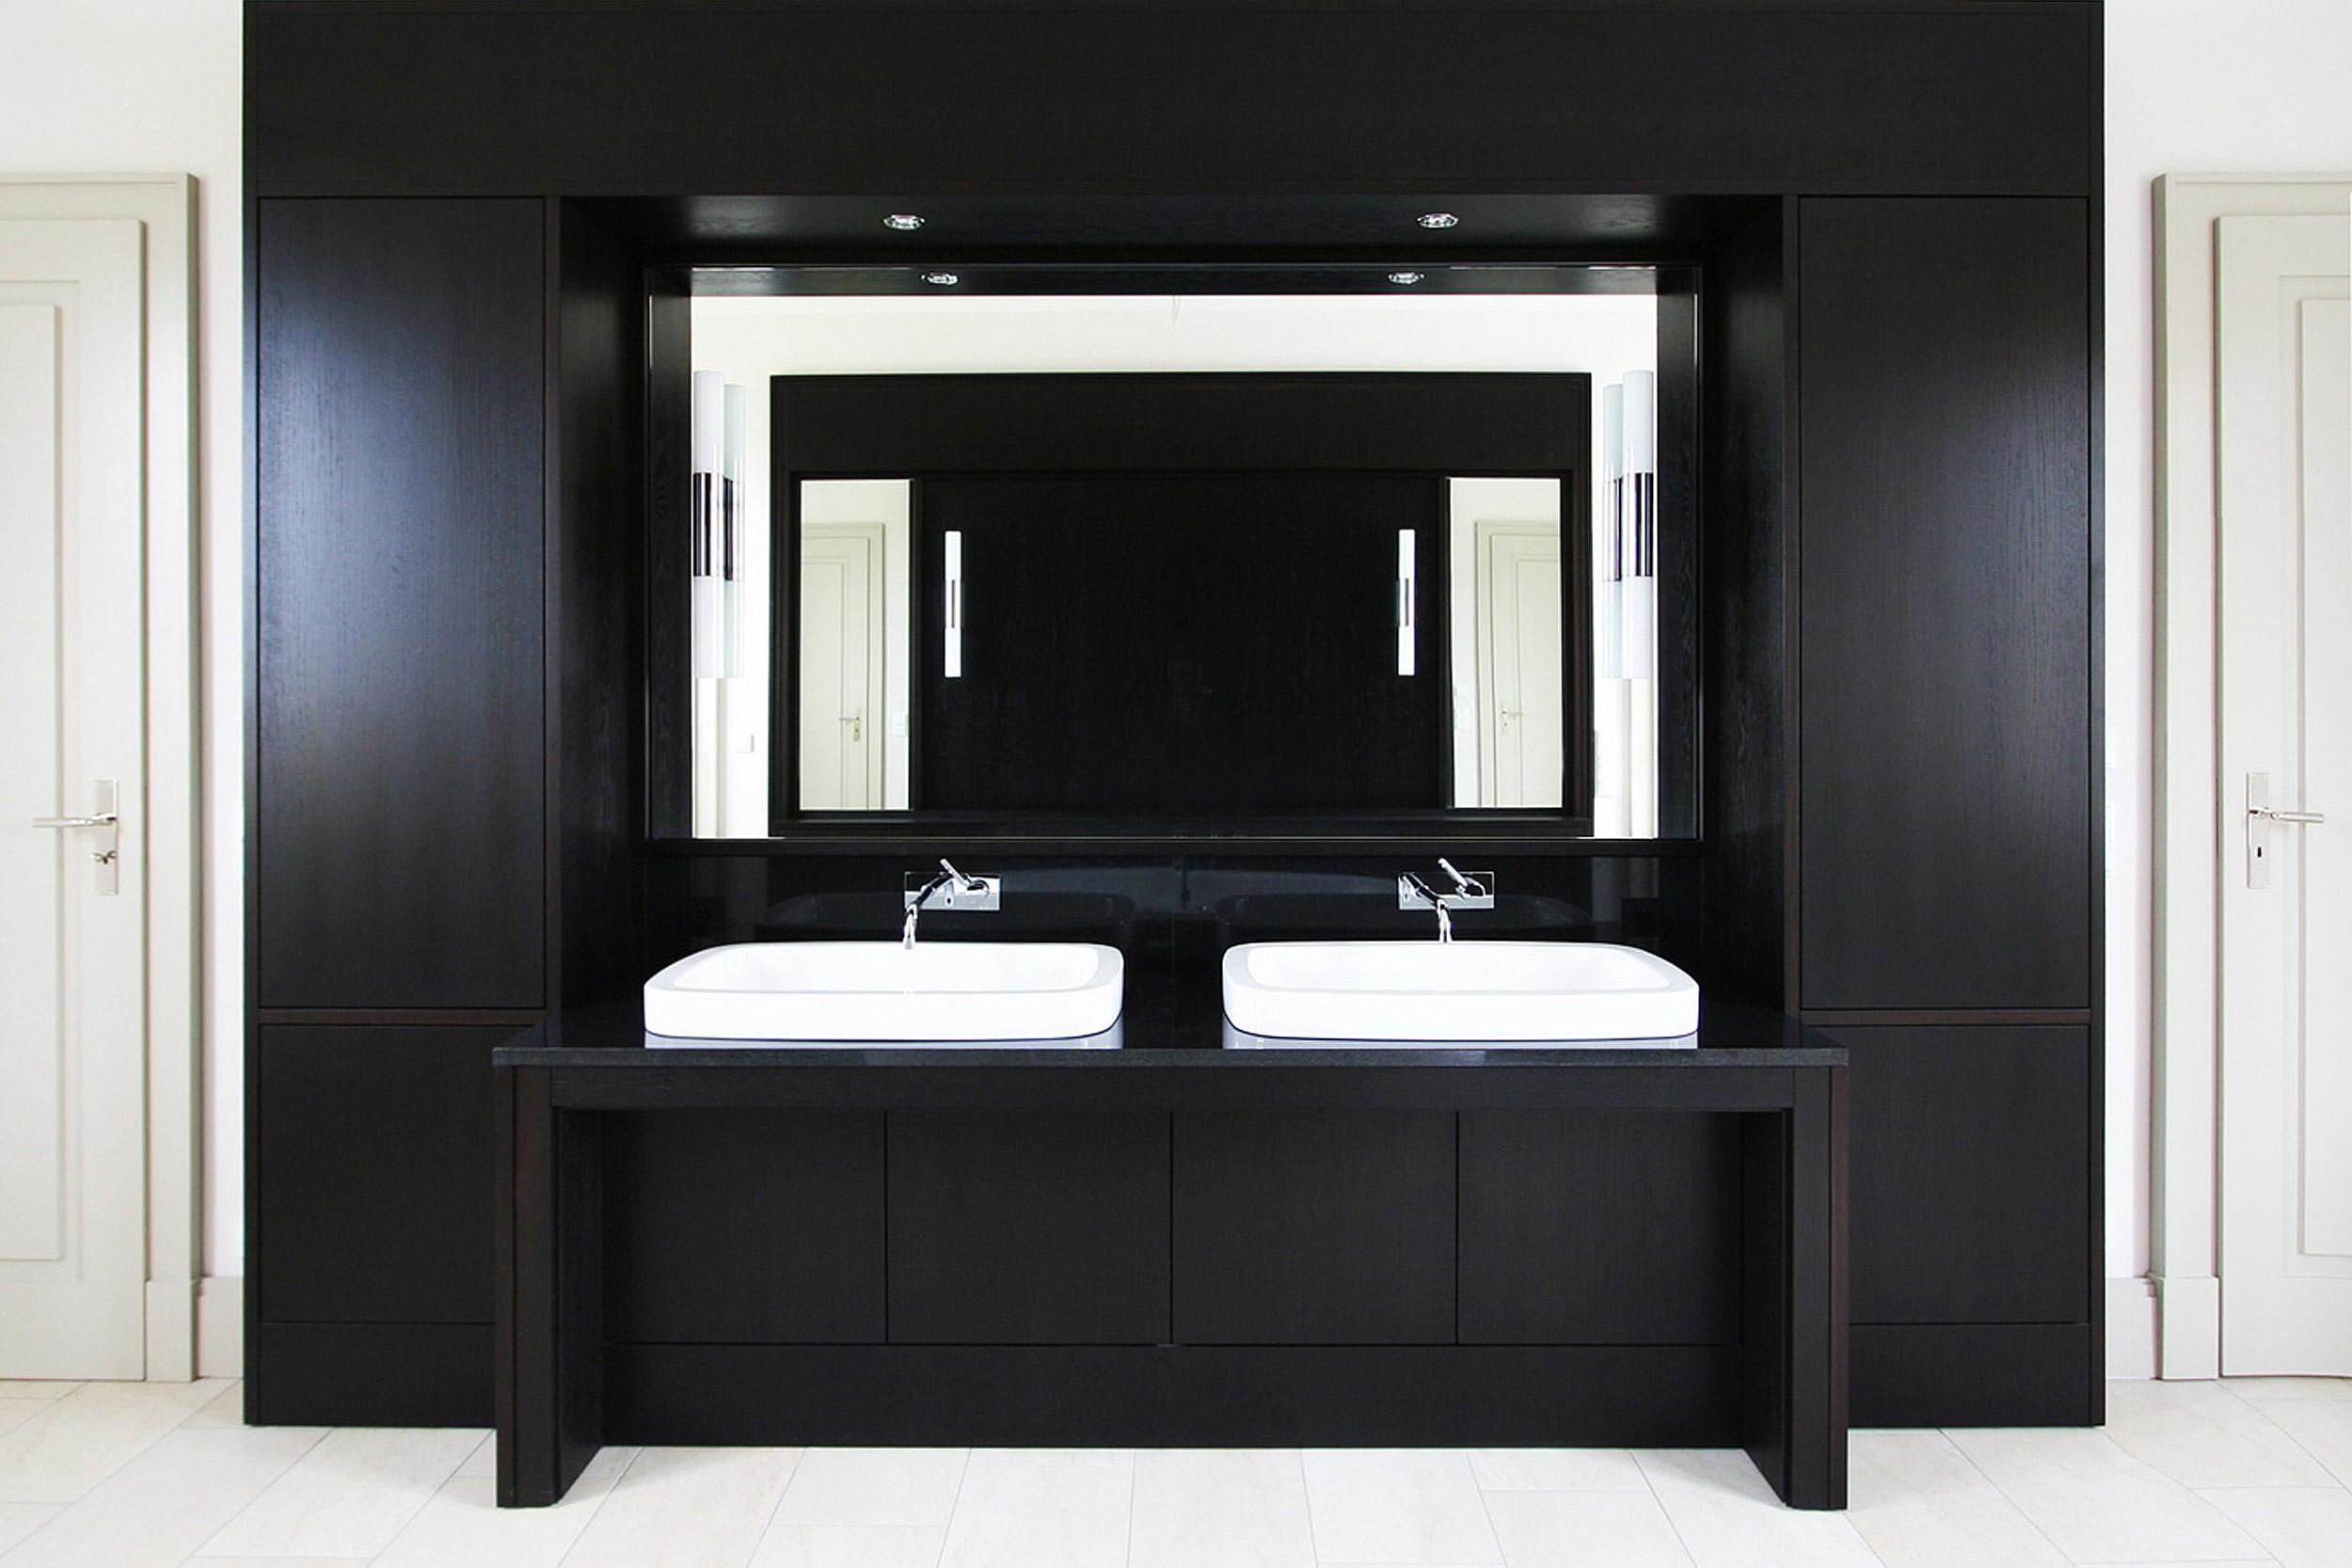 Klassik Villa Waschtische Schrankmöbel - Klassik und Tradition - Die Waschtische des Masterbades wurden mit einem Schrankmöbel aus dunkler Eiche umbaut.